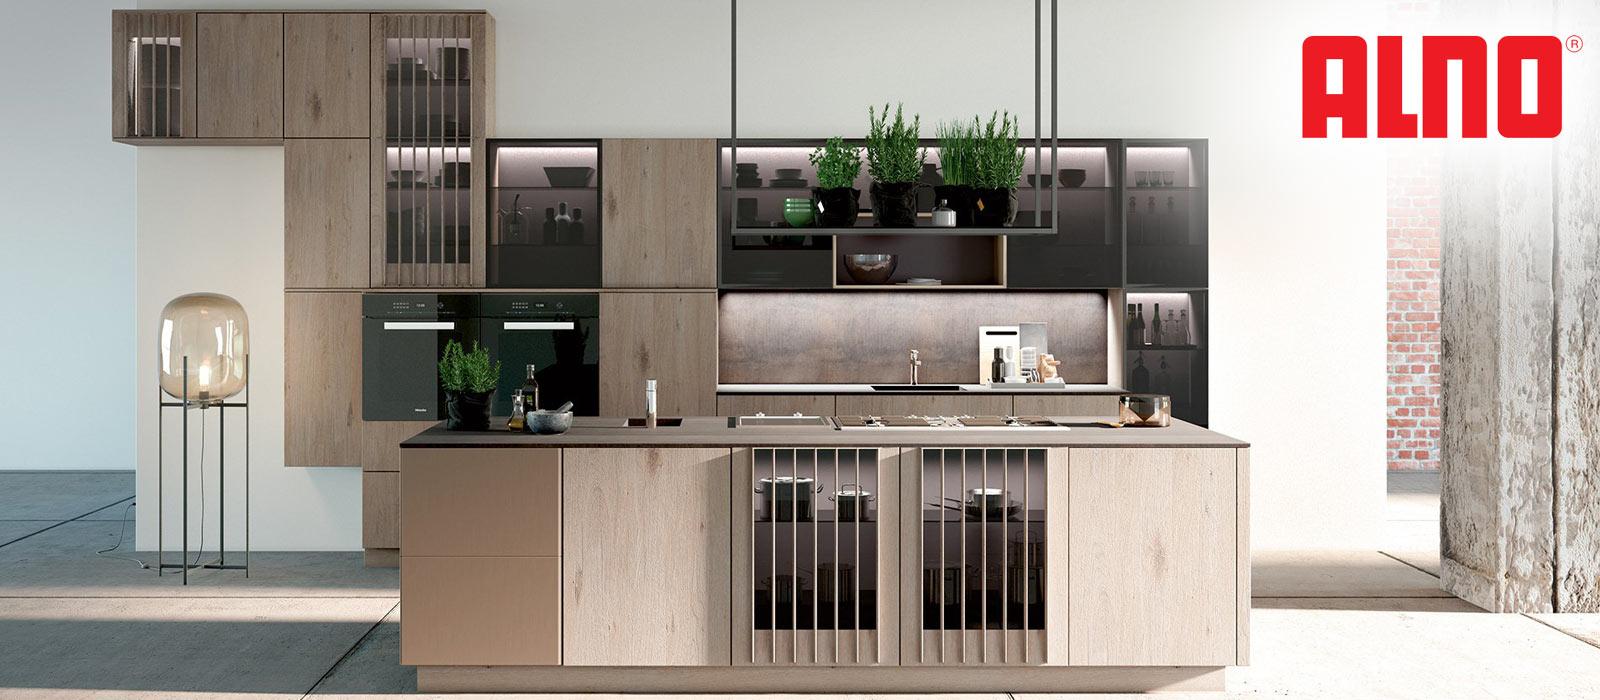 Full Size of Alno Kchen Begeistern In Funktion Küchen Regal Küche Wohnzimmer Alno Küchen